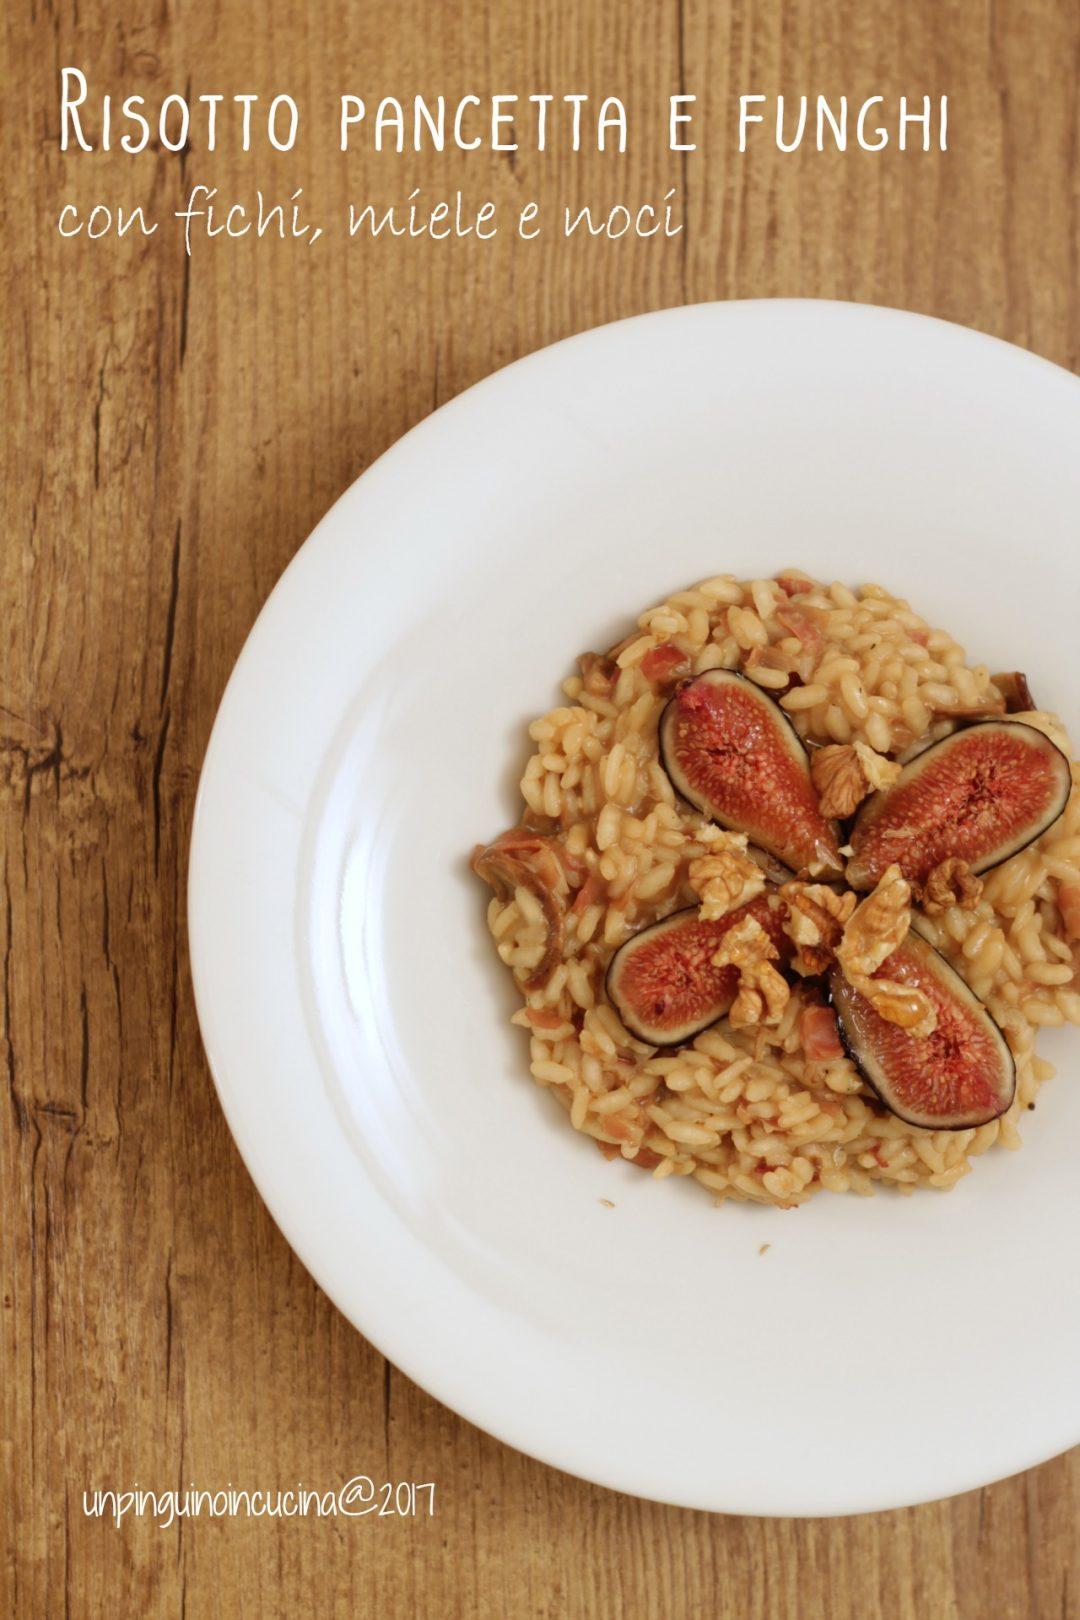 risotto-pancetta-e-funghi-con-fichi-miele-e-noci